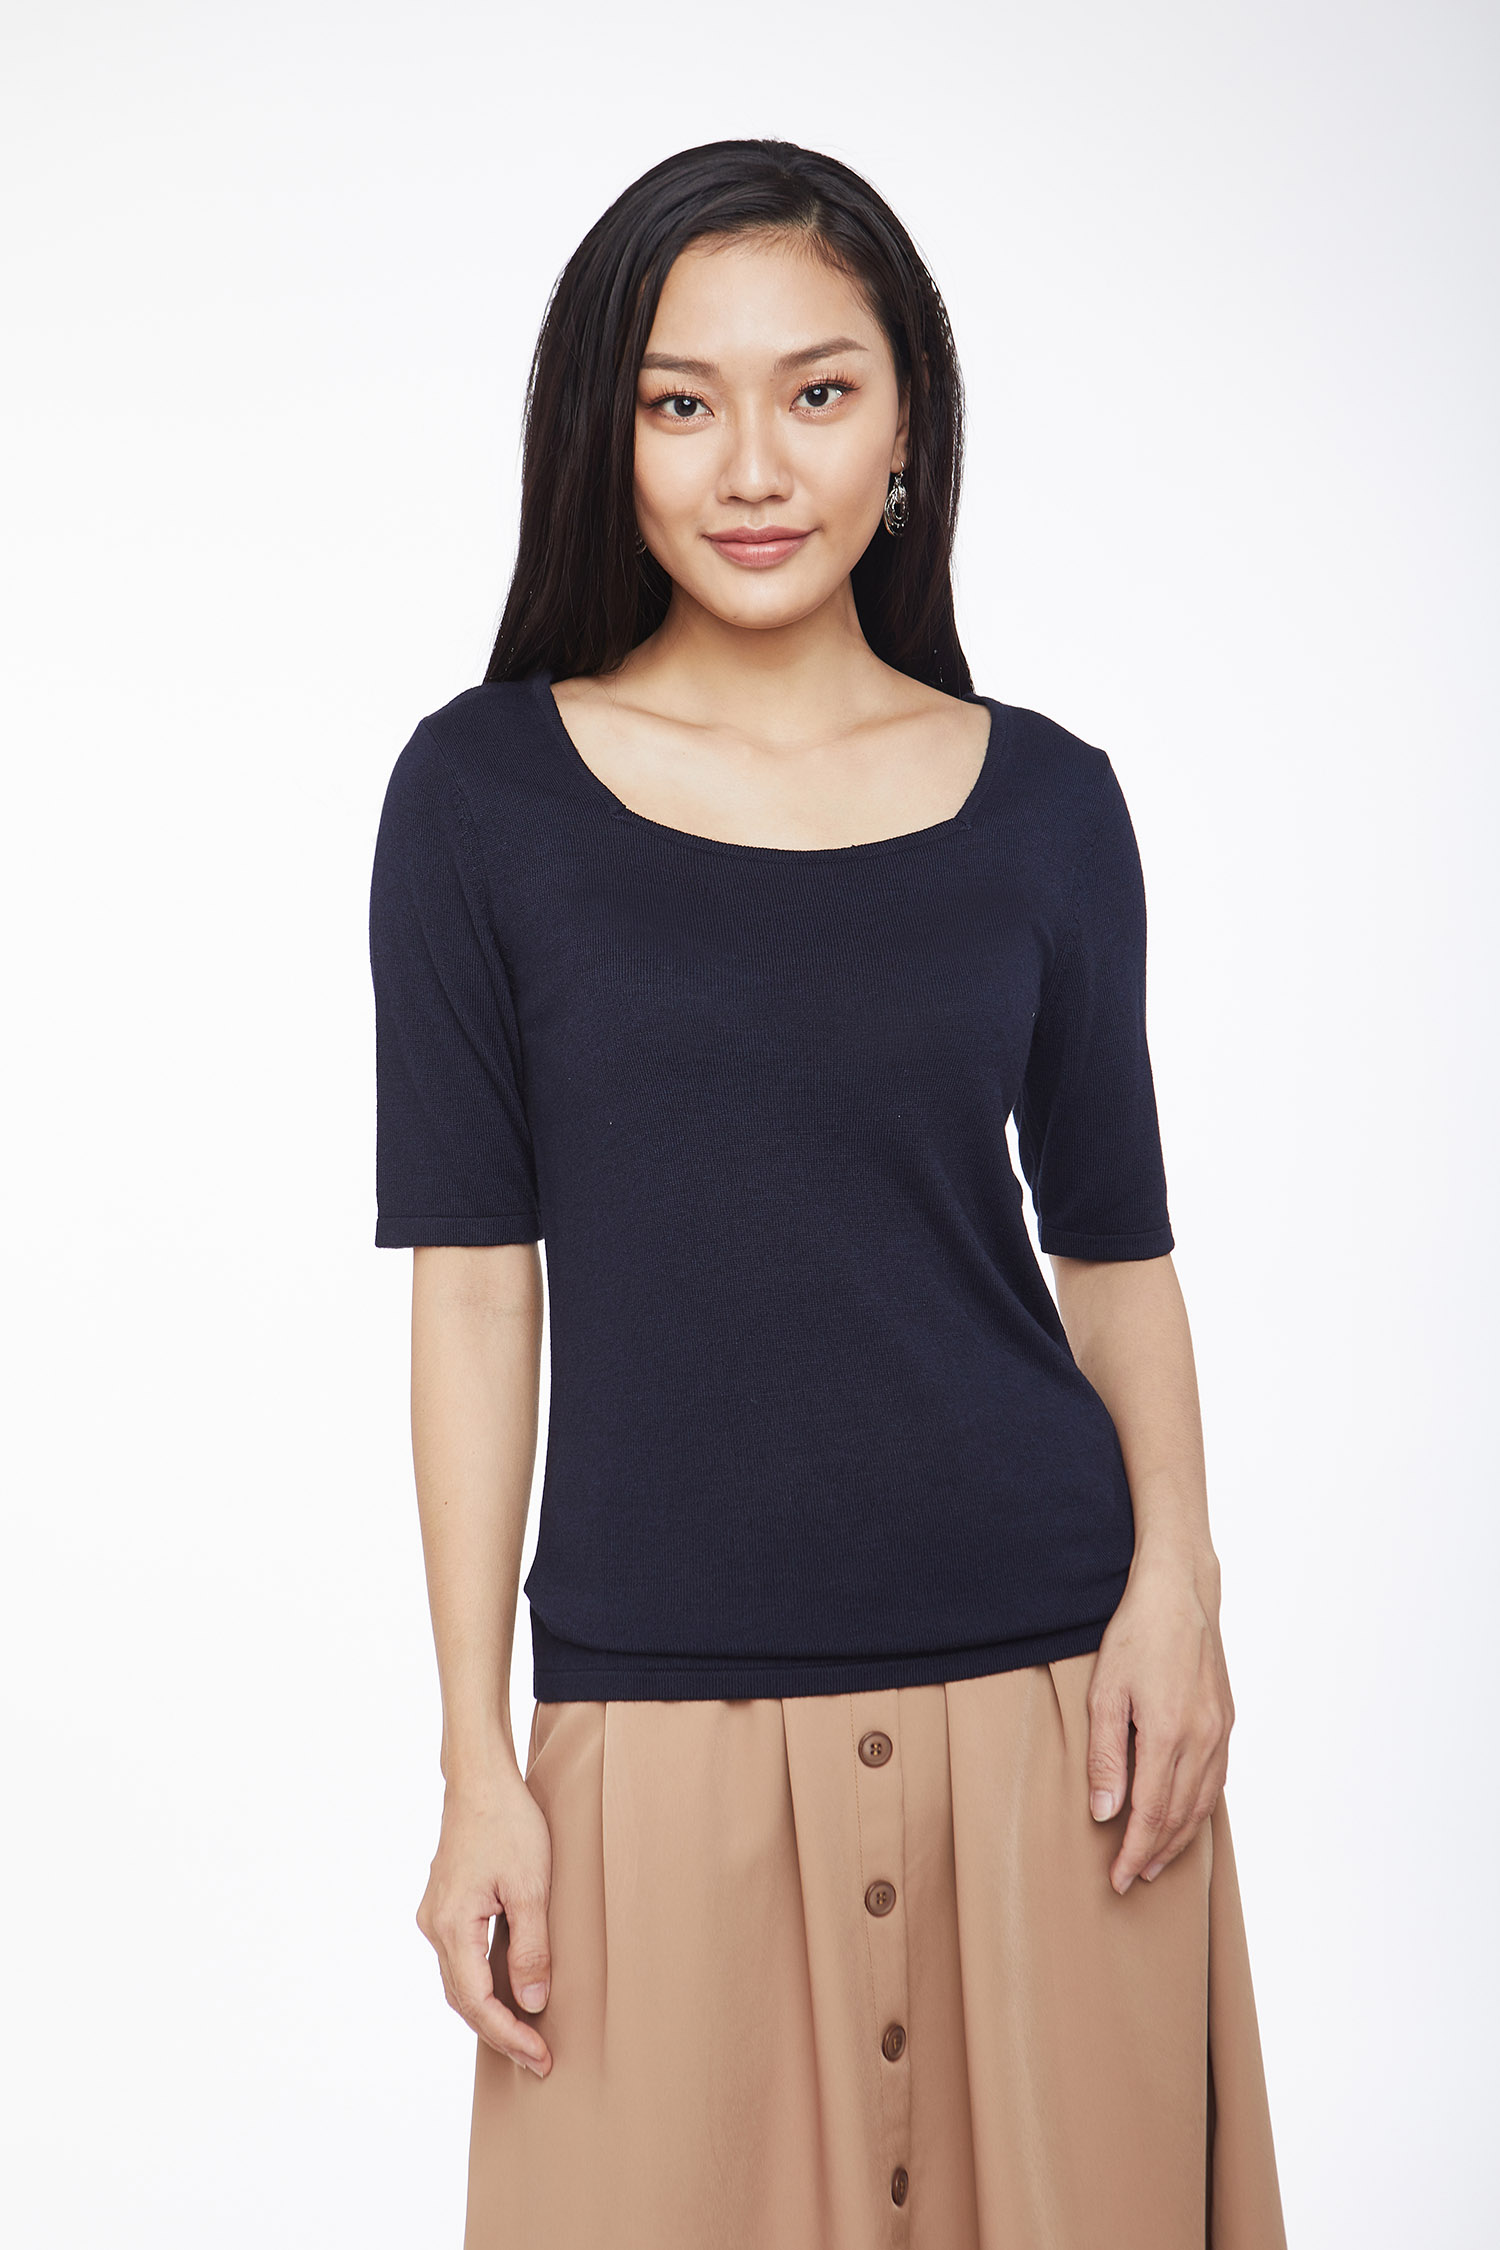 áo dệt nữ - 1905014